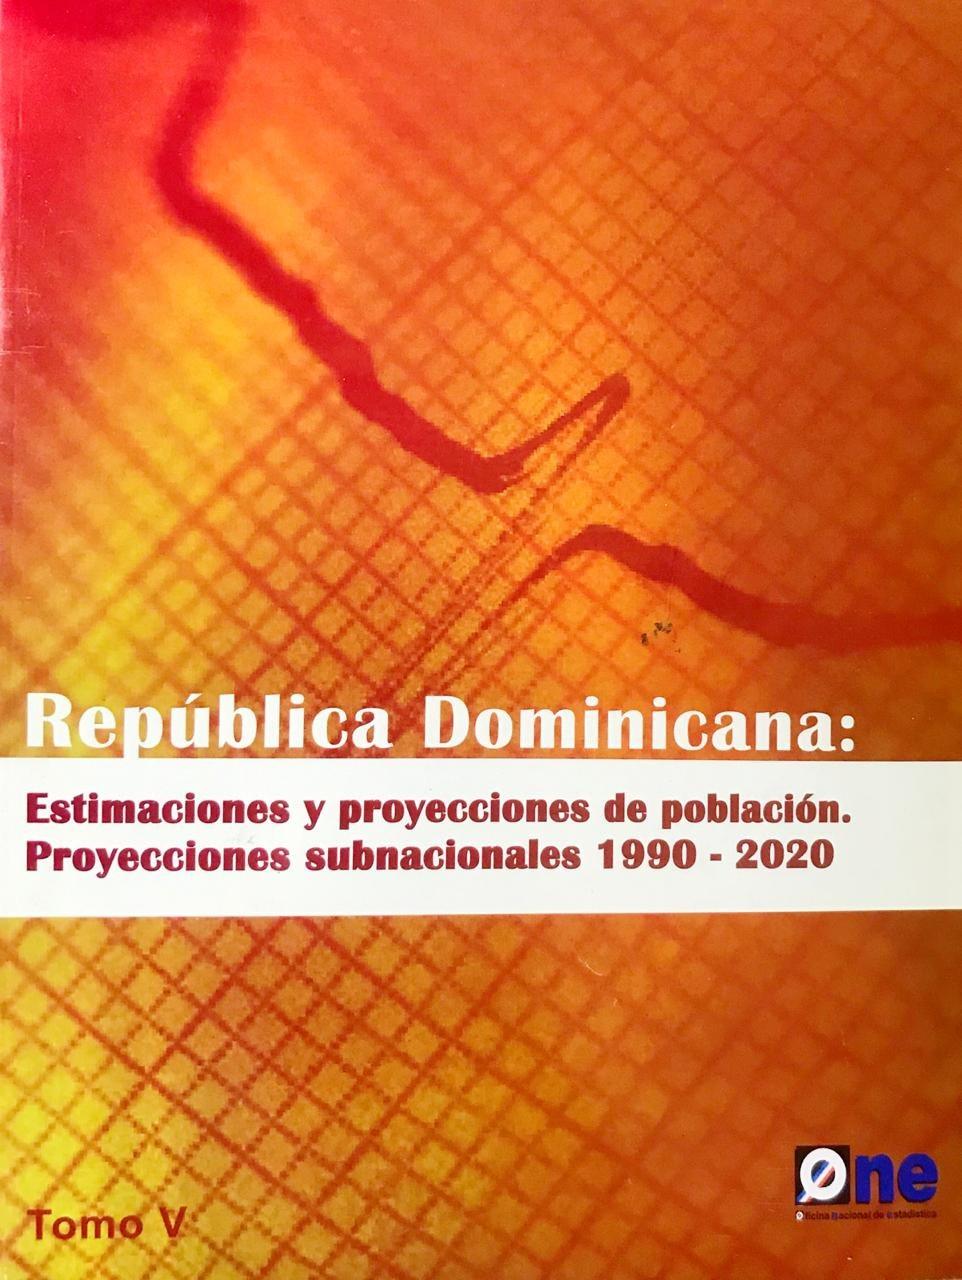 República Dominicana. Estimaciones y proyecciones de población. Proyecciones subnacionales 1990 - 2020